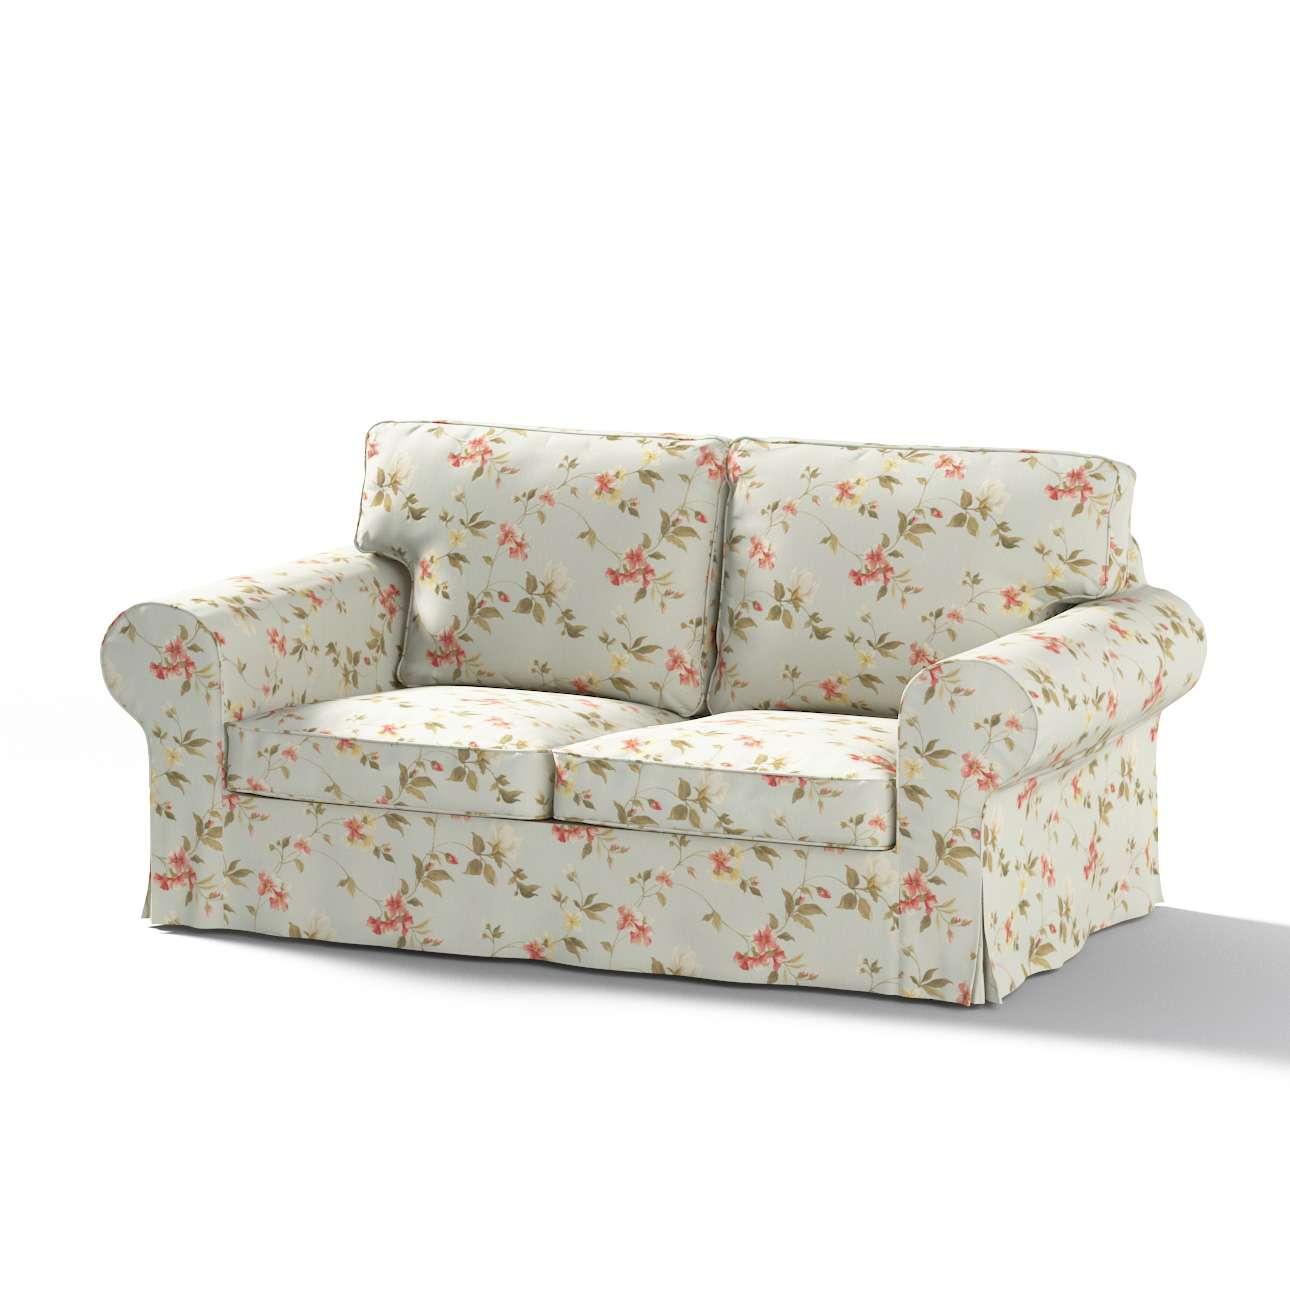 Ektorp 2 sæder Betræk uden sofa fra kollektionen Londres, Stof: 124-65